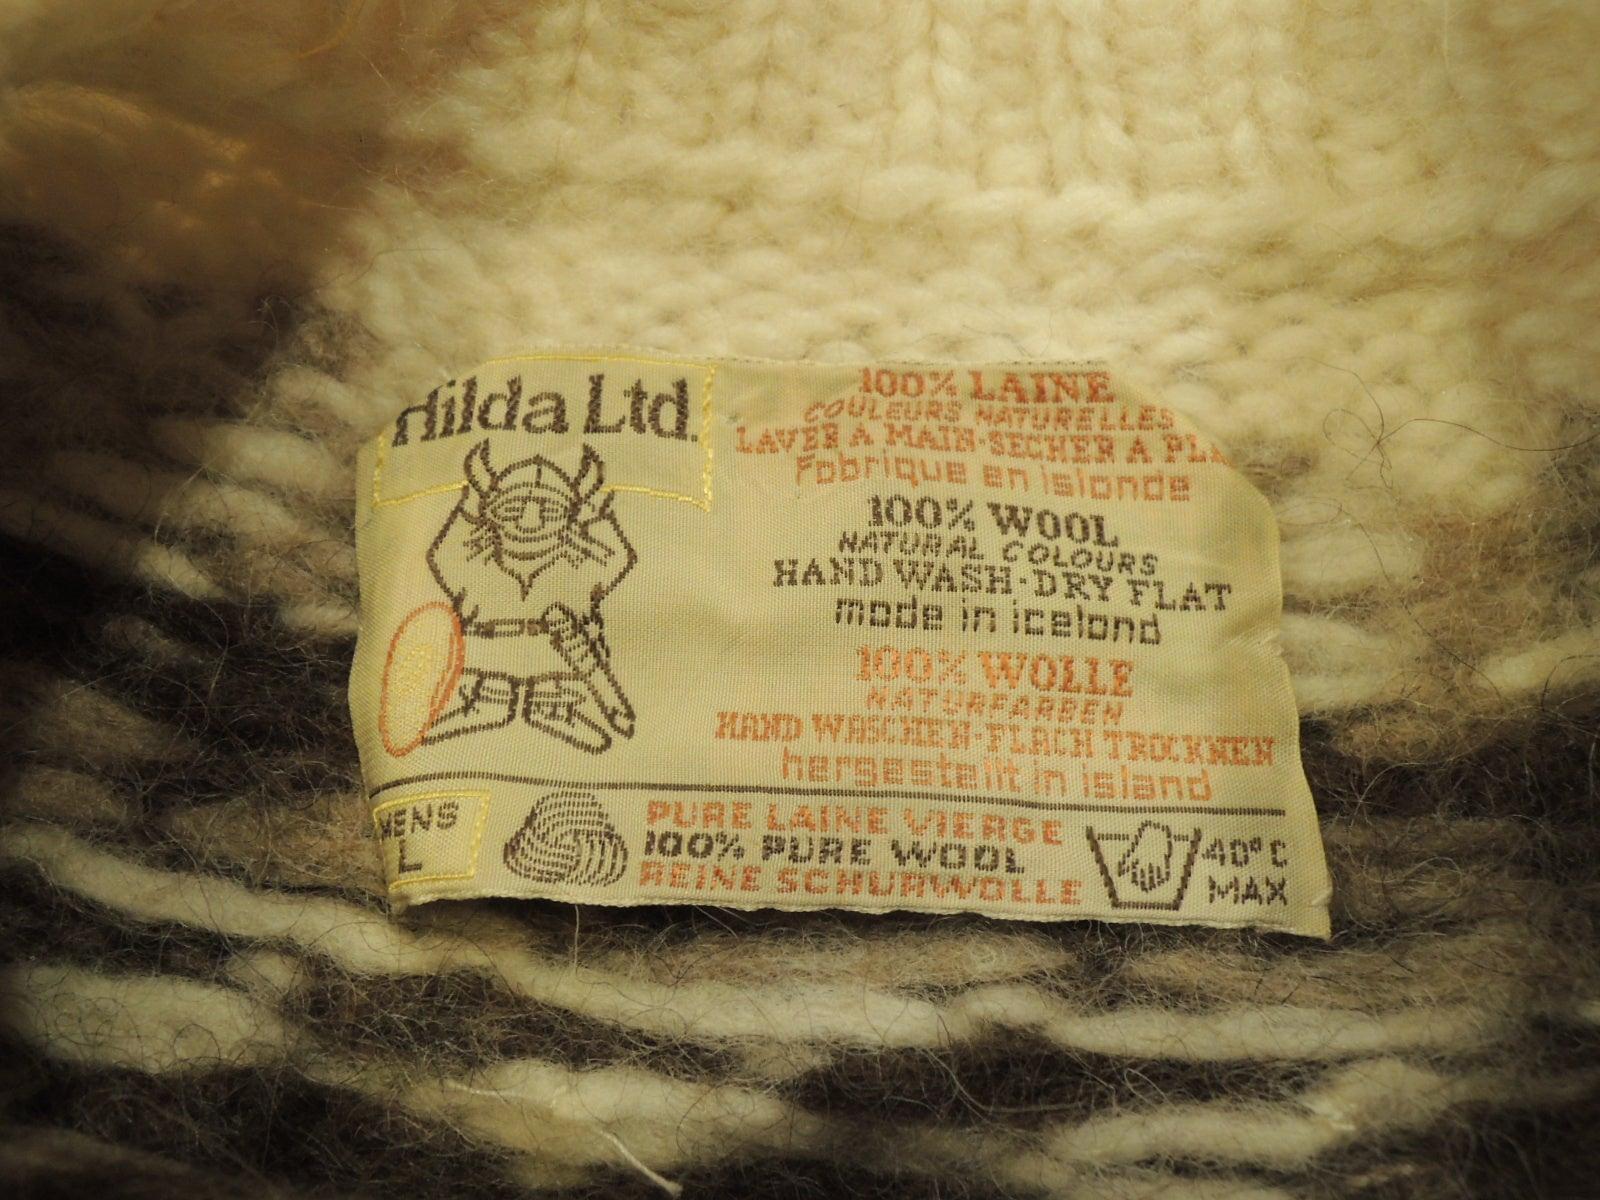 f04c6b46e3b0e アイスランド製 Hilda Ltd. ノルディックセーター